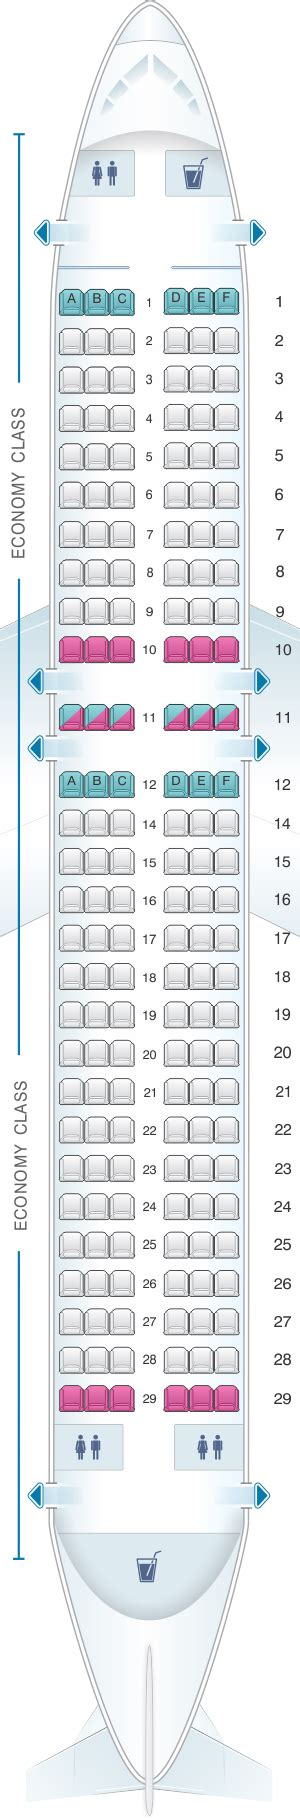 plan des sieges airbus a320 plan de cabine scandinavian airlines sas airbus a320 seatmaestro fr